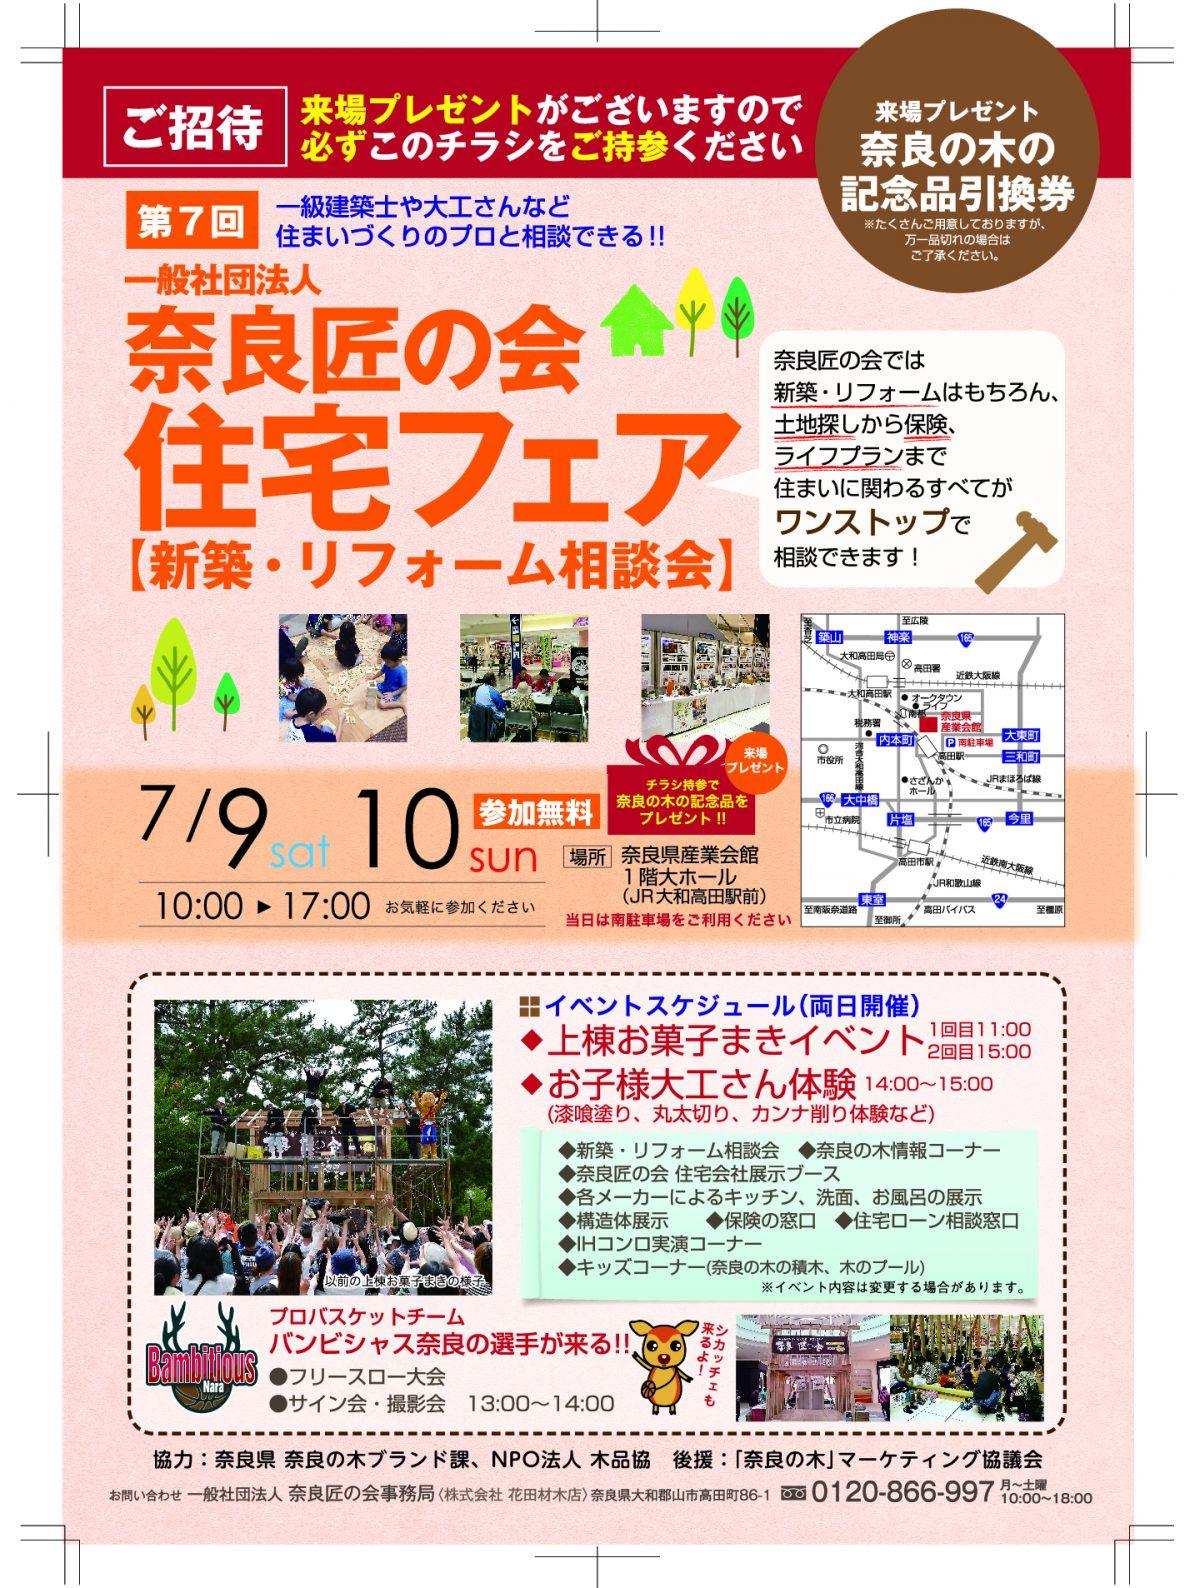 「第7回 奈良匠の会 住宅フェア」開催のお知らせ